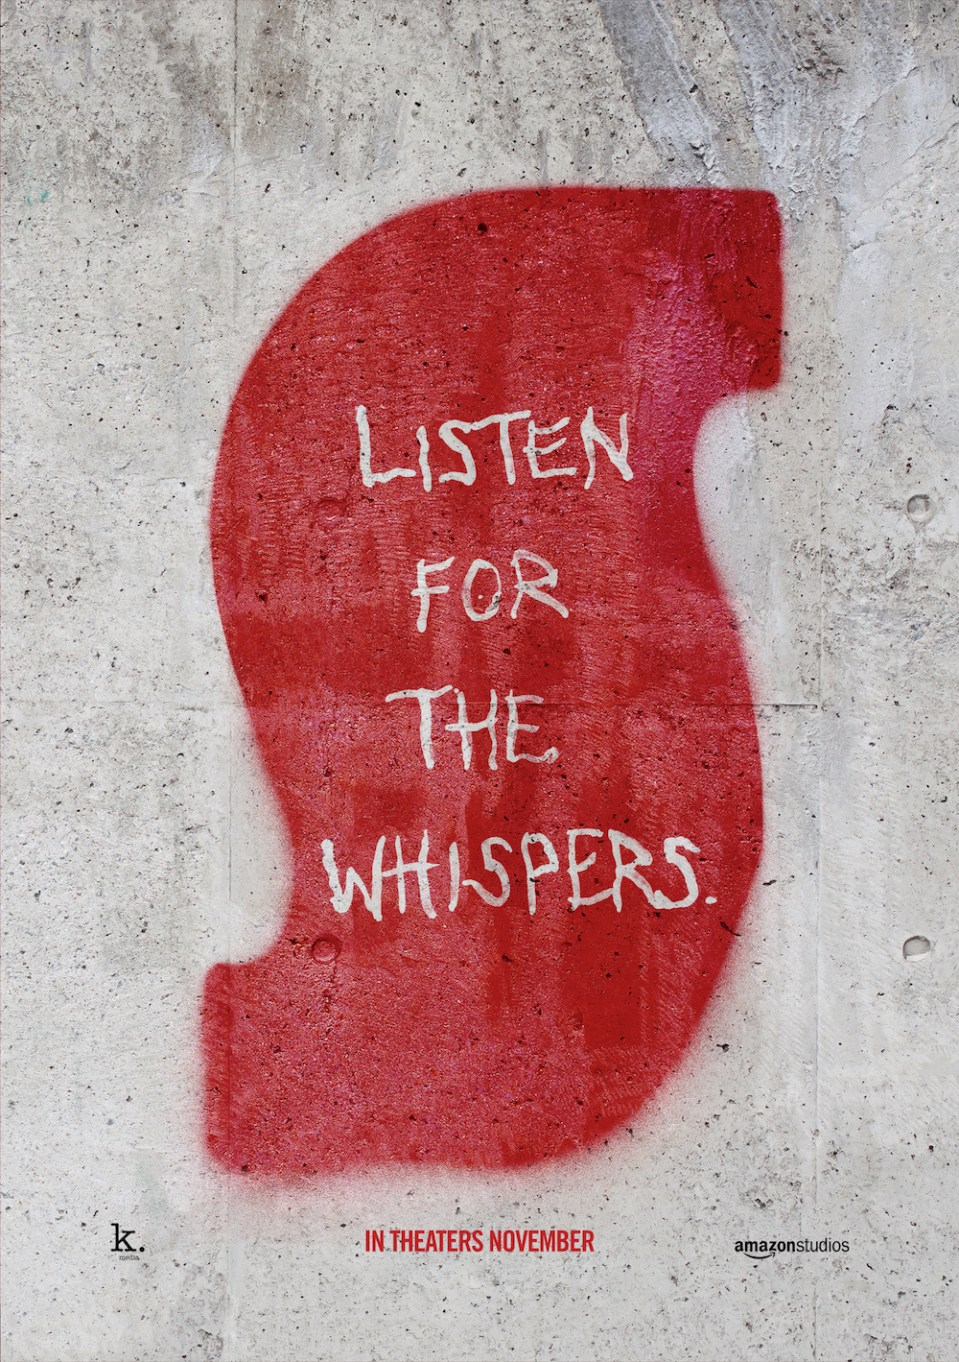 FIN02_Suspiria_Online_1Sht_Whispers25%.jpg